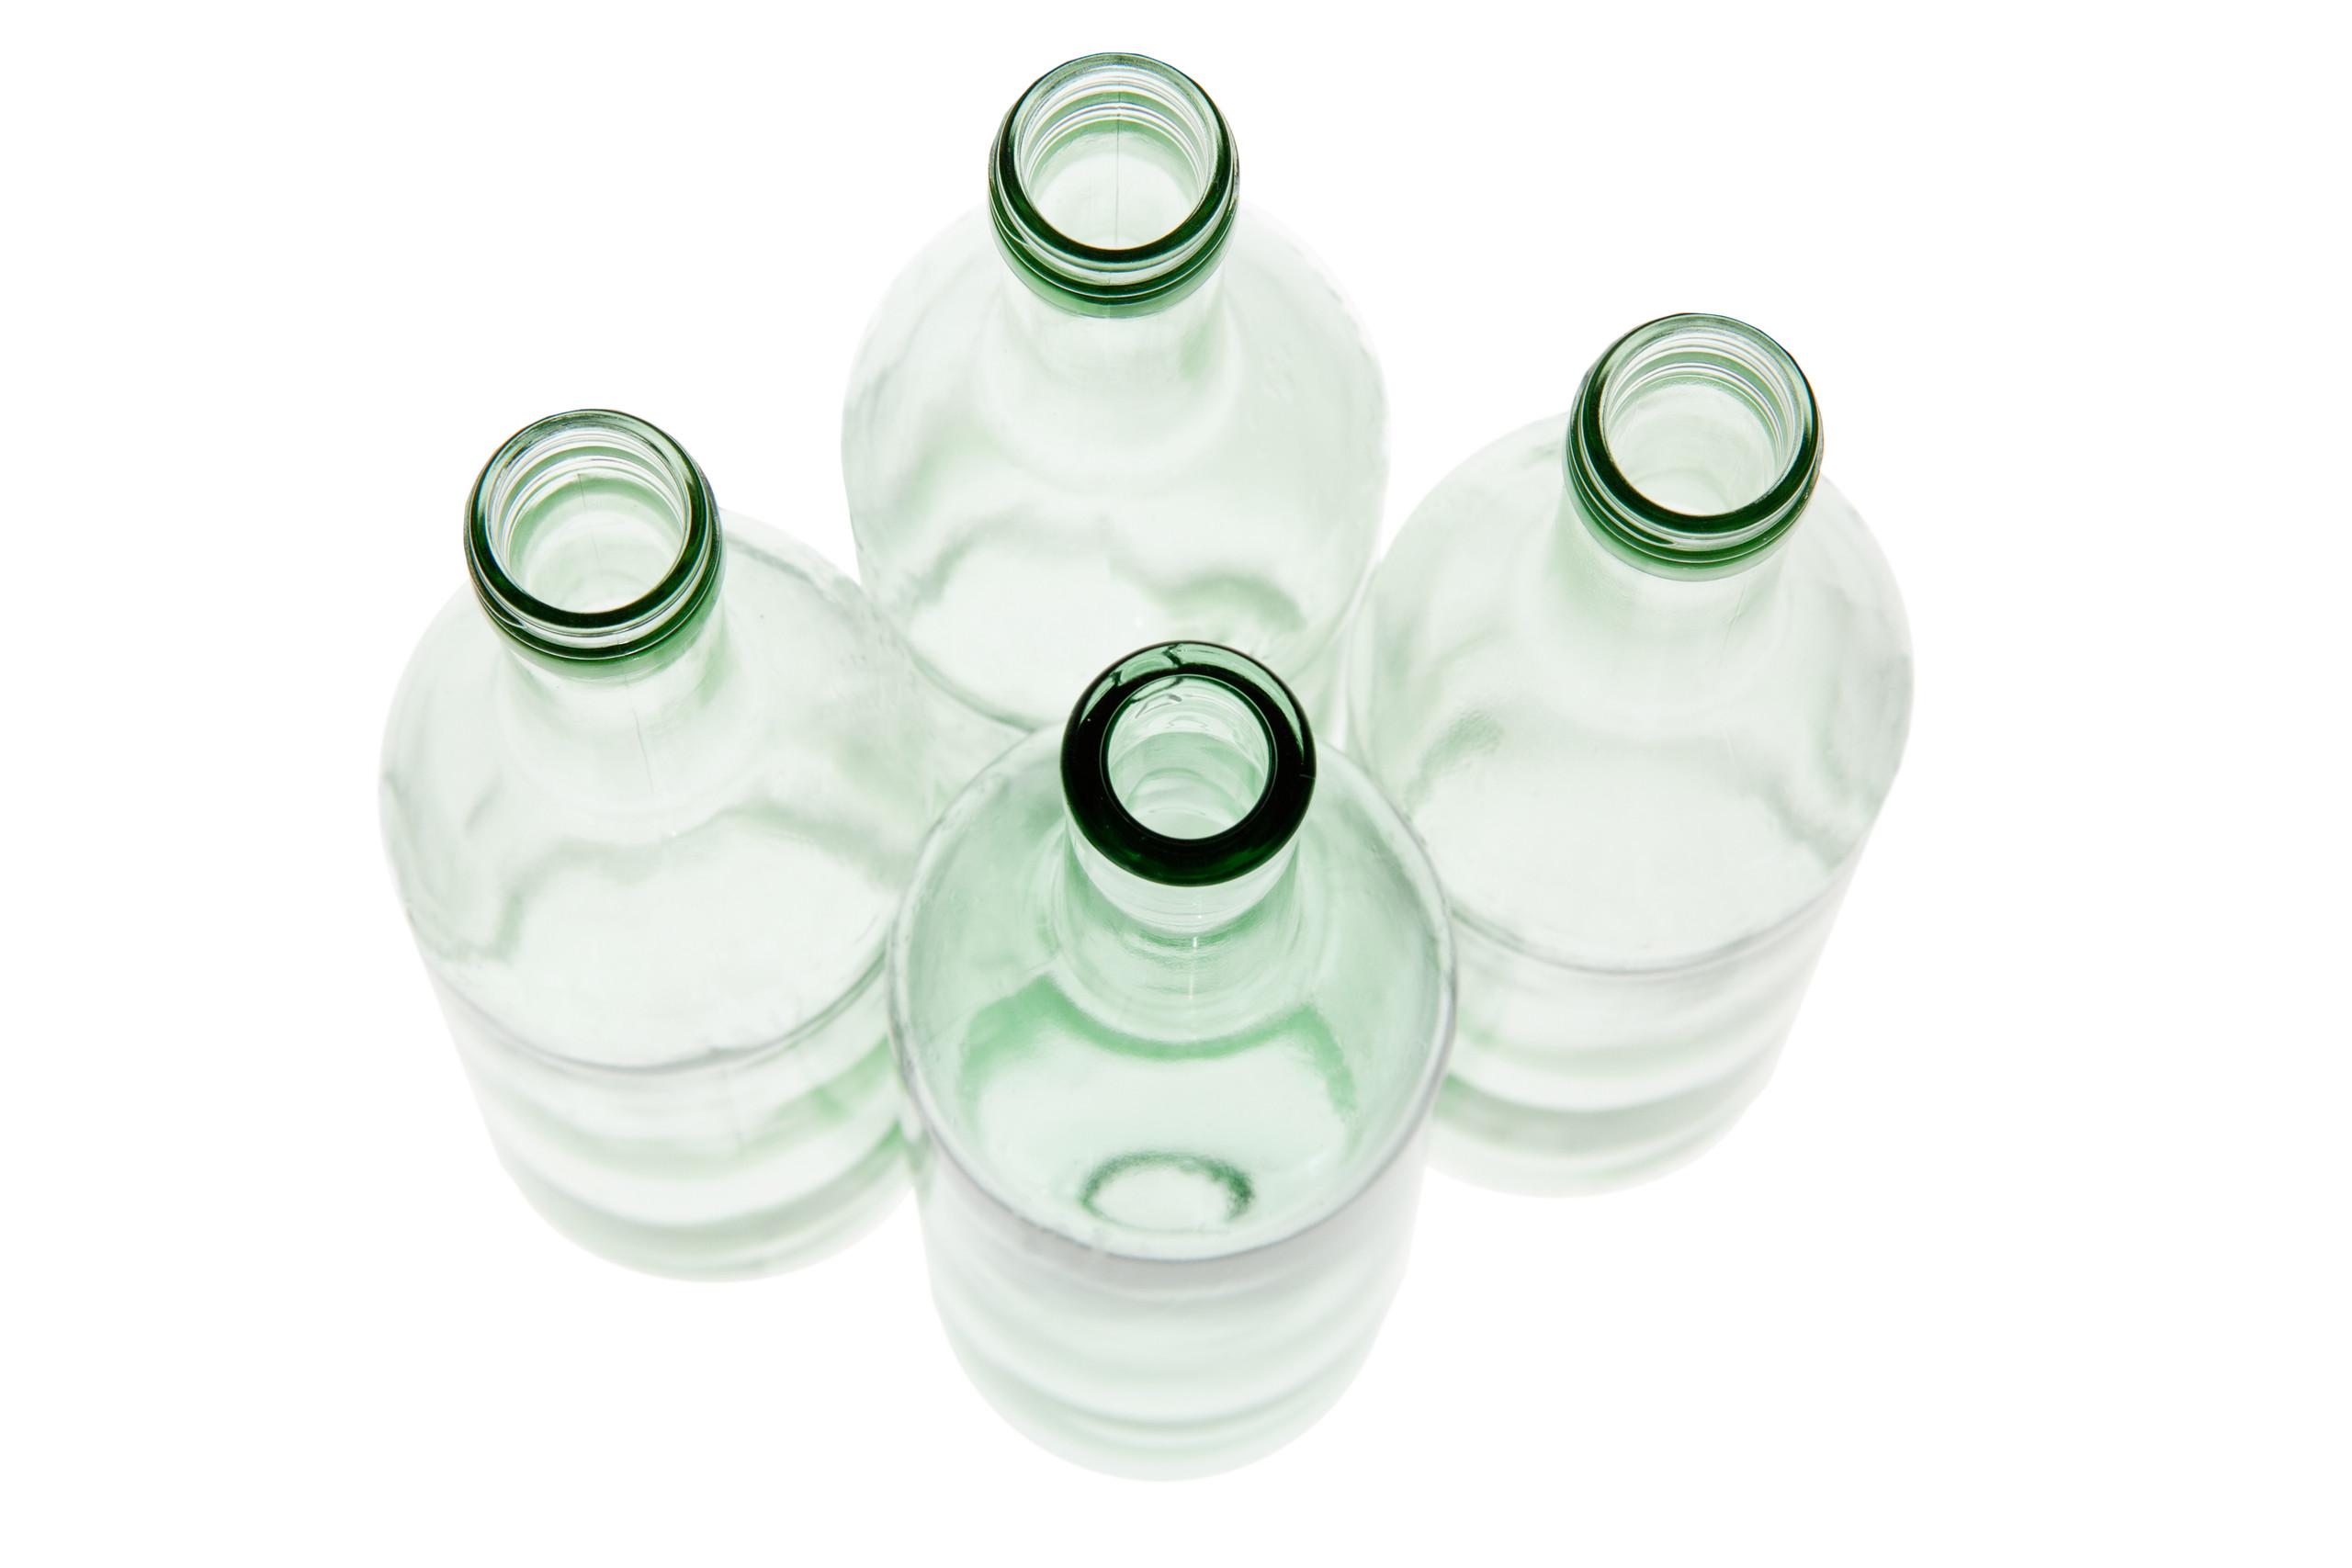 hellgrüne leere Glasflaschen von oben